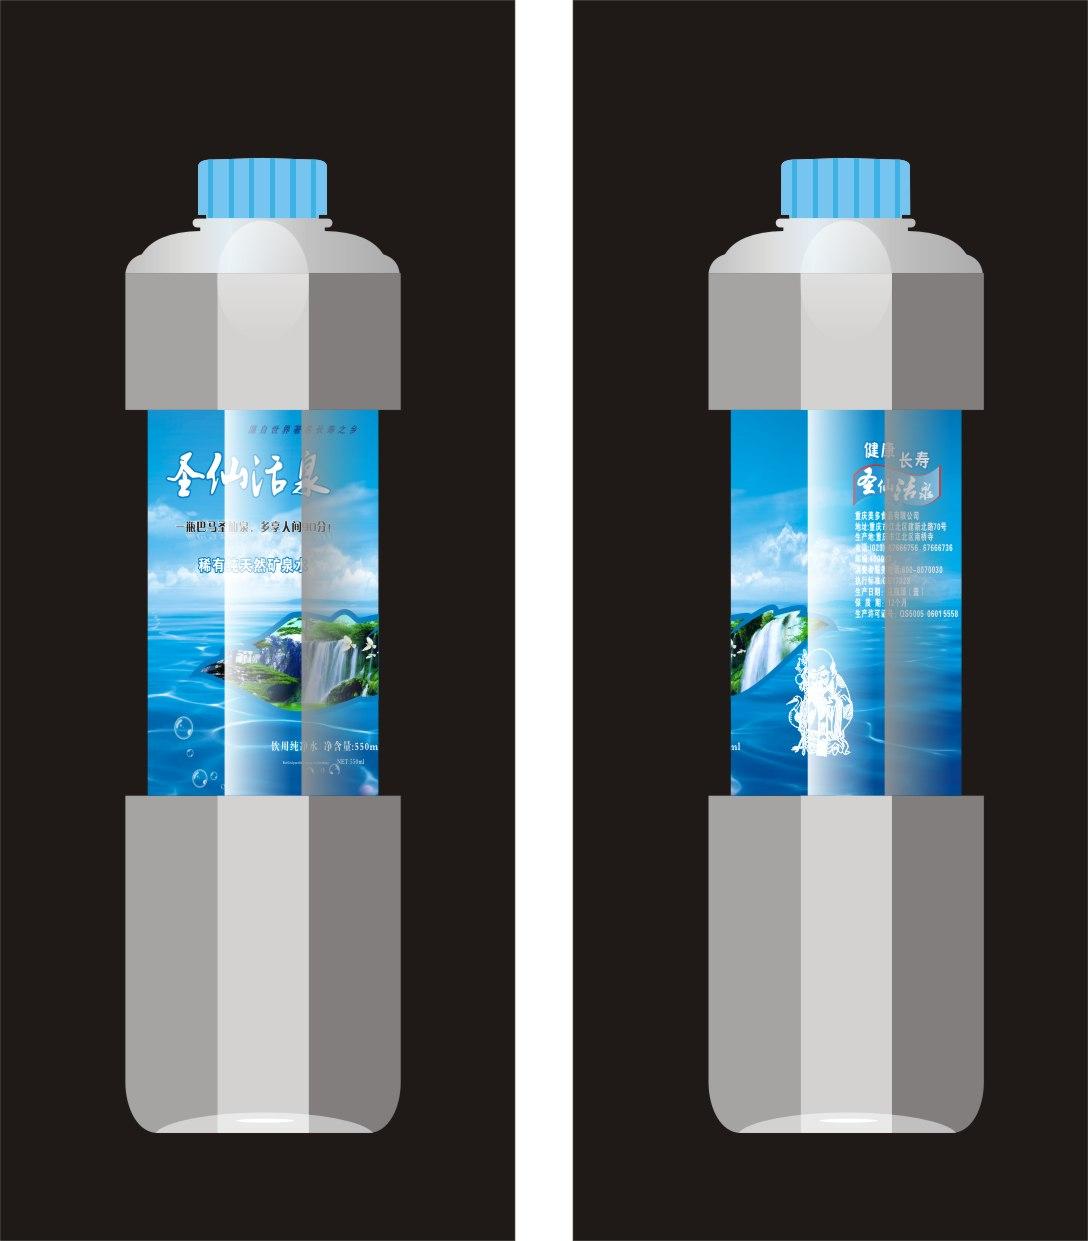 设计矿泉水瓶和标签_2720425_k68威客网